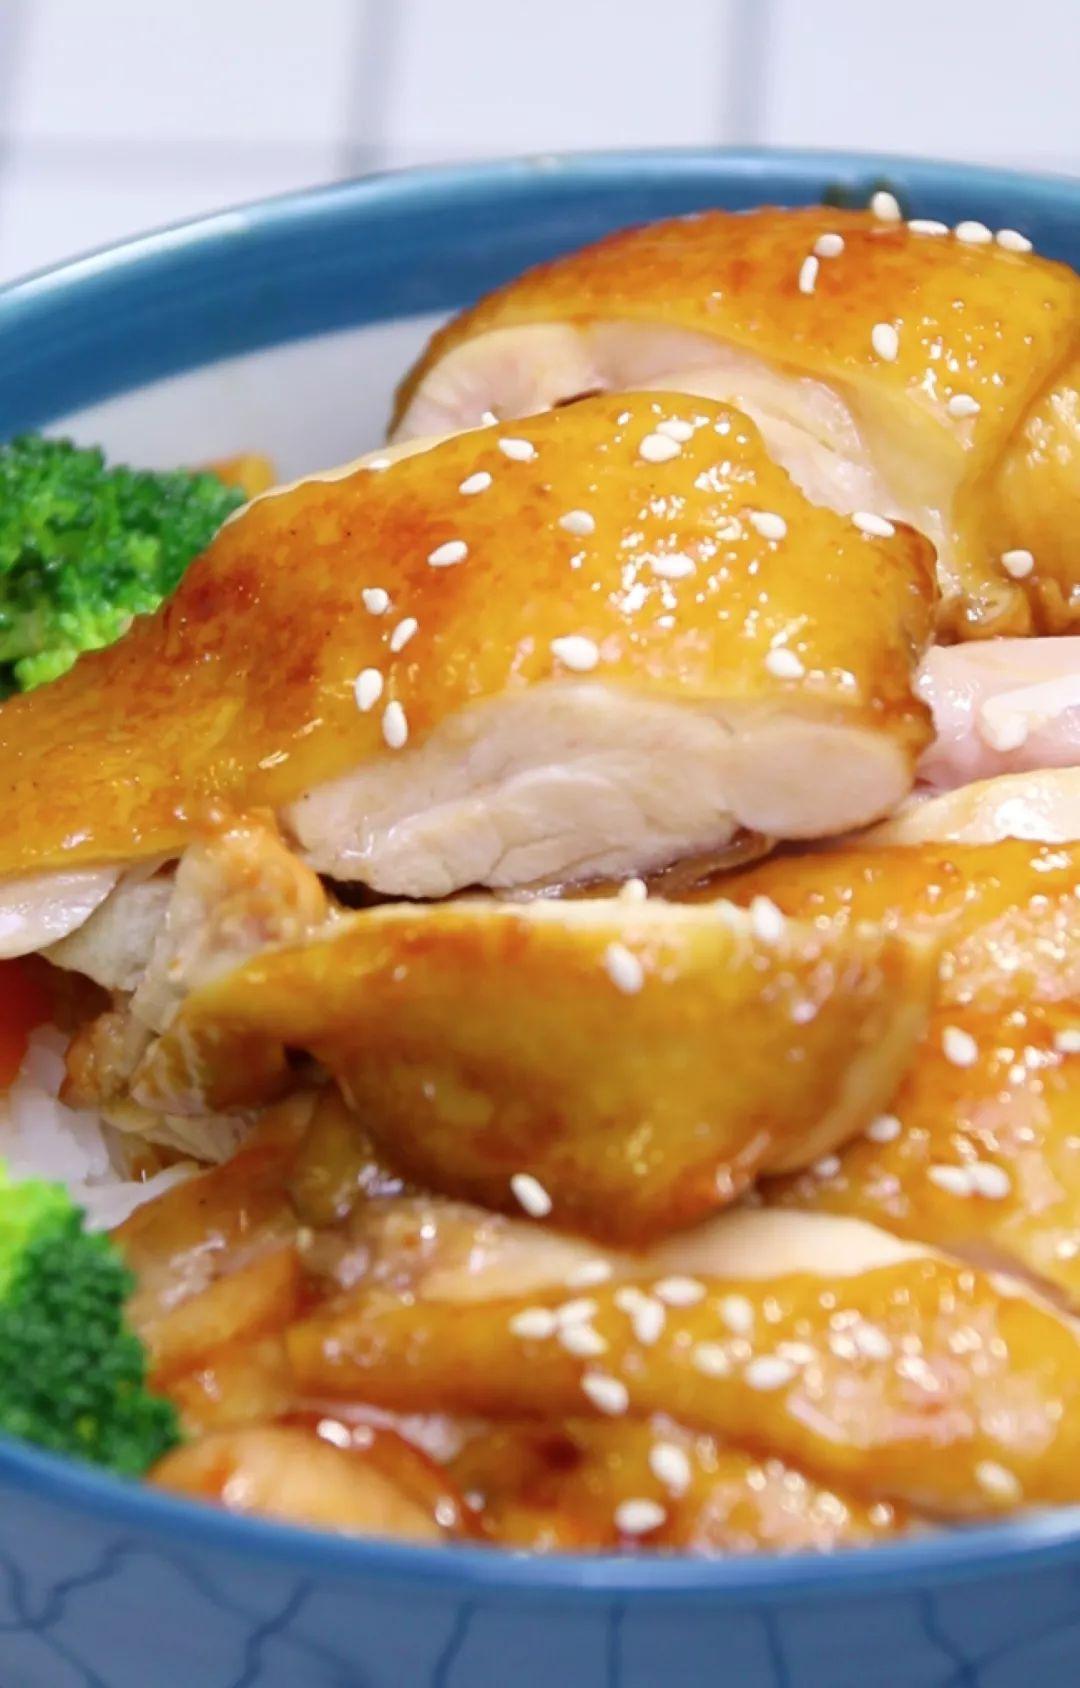 鱼米小炒的小炒视频_鱼米视频的家常做法做法海清视频许图片